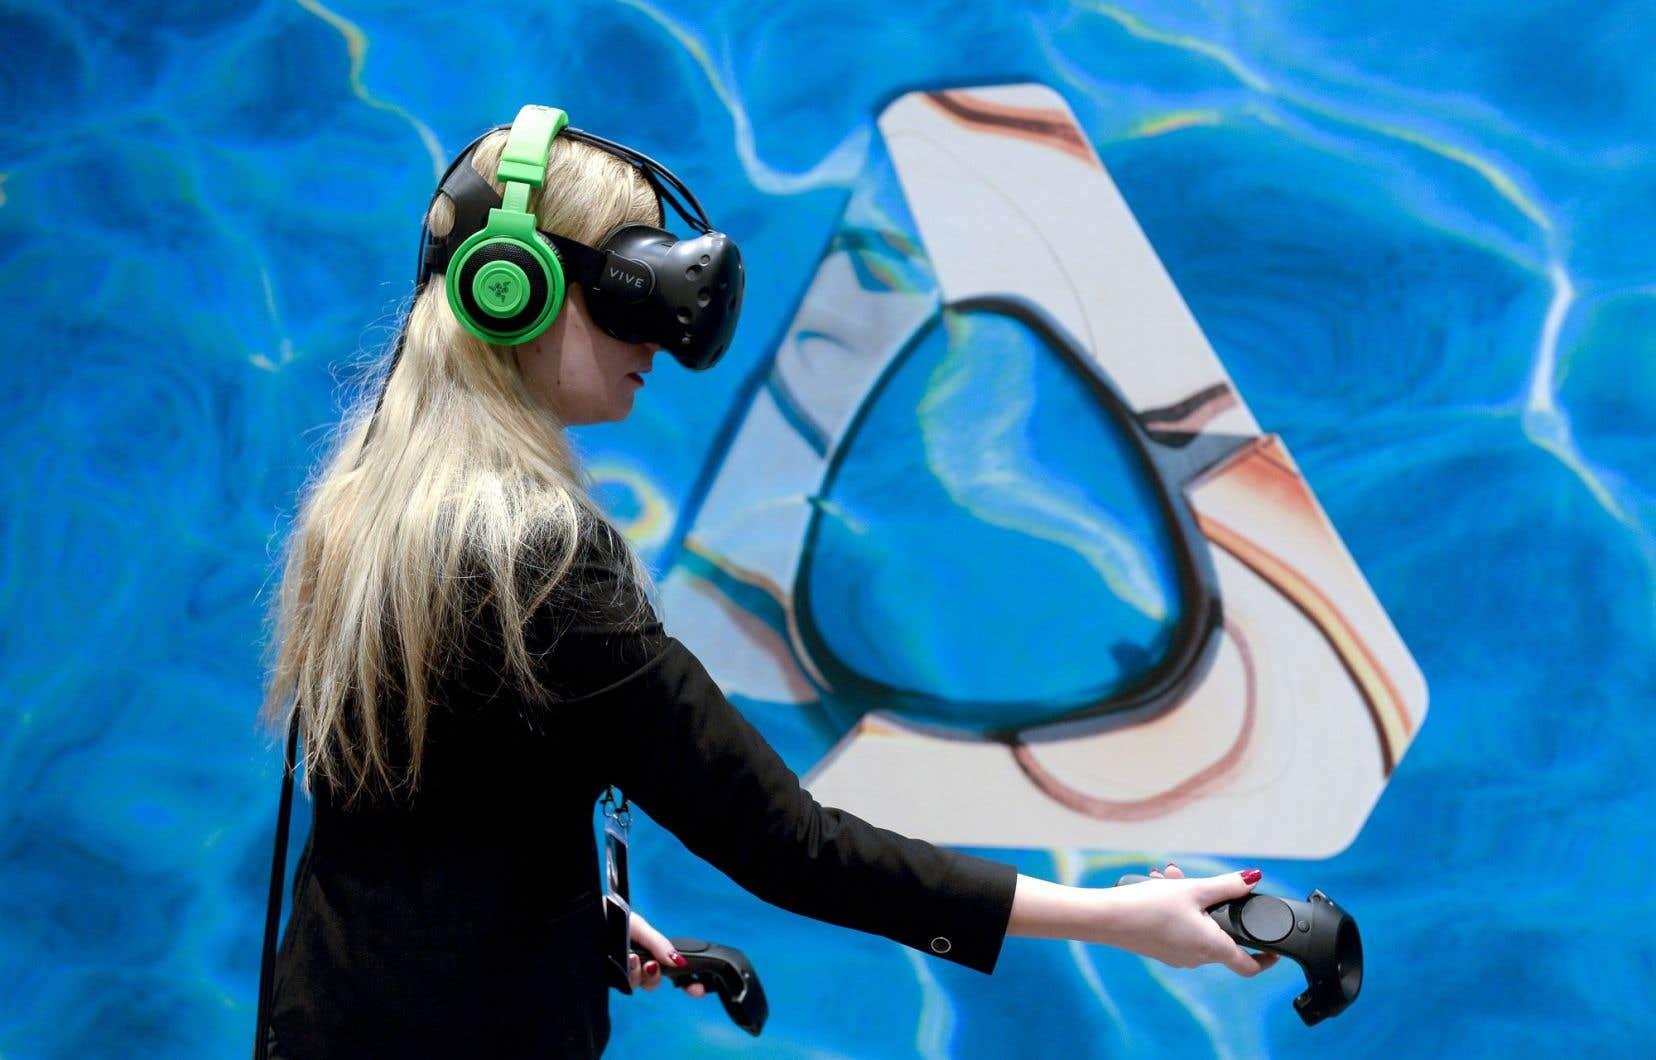 Une visiteuse au Congrès mondial de la téléphonie mobile, à Barcelone, expérimente un casque de réalité virtuelle.